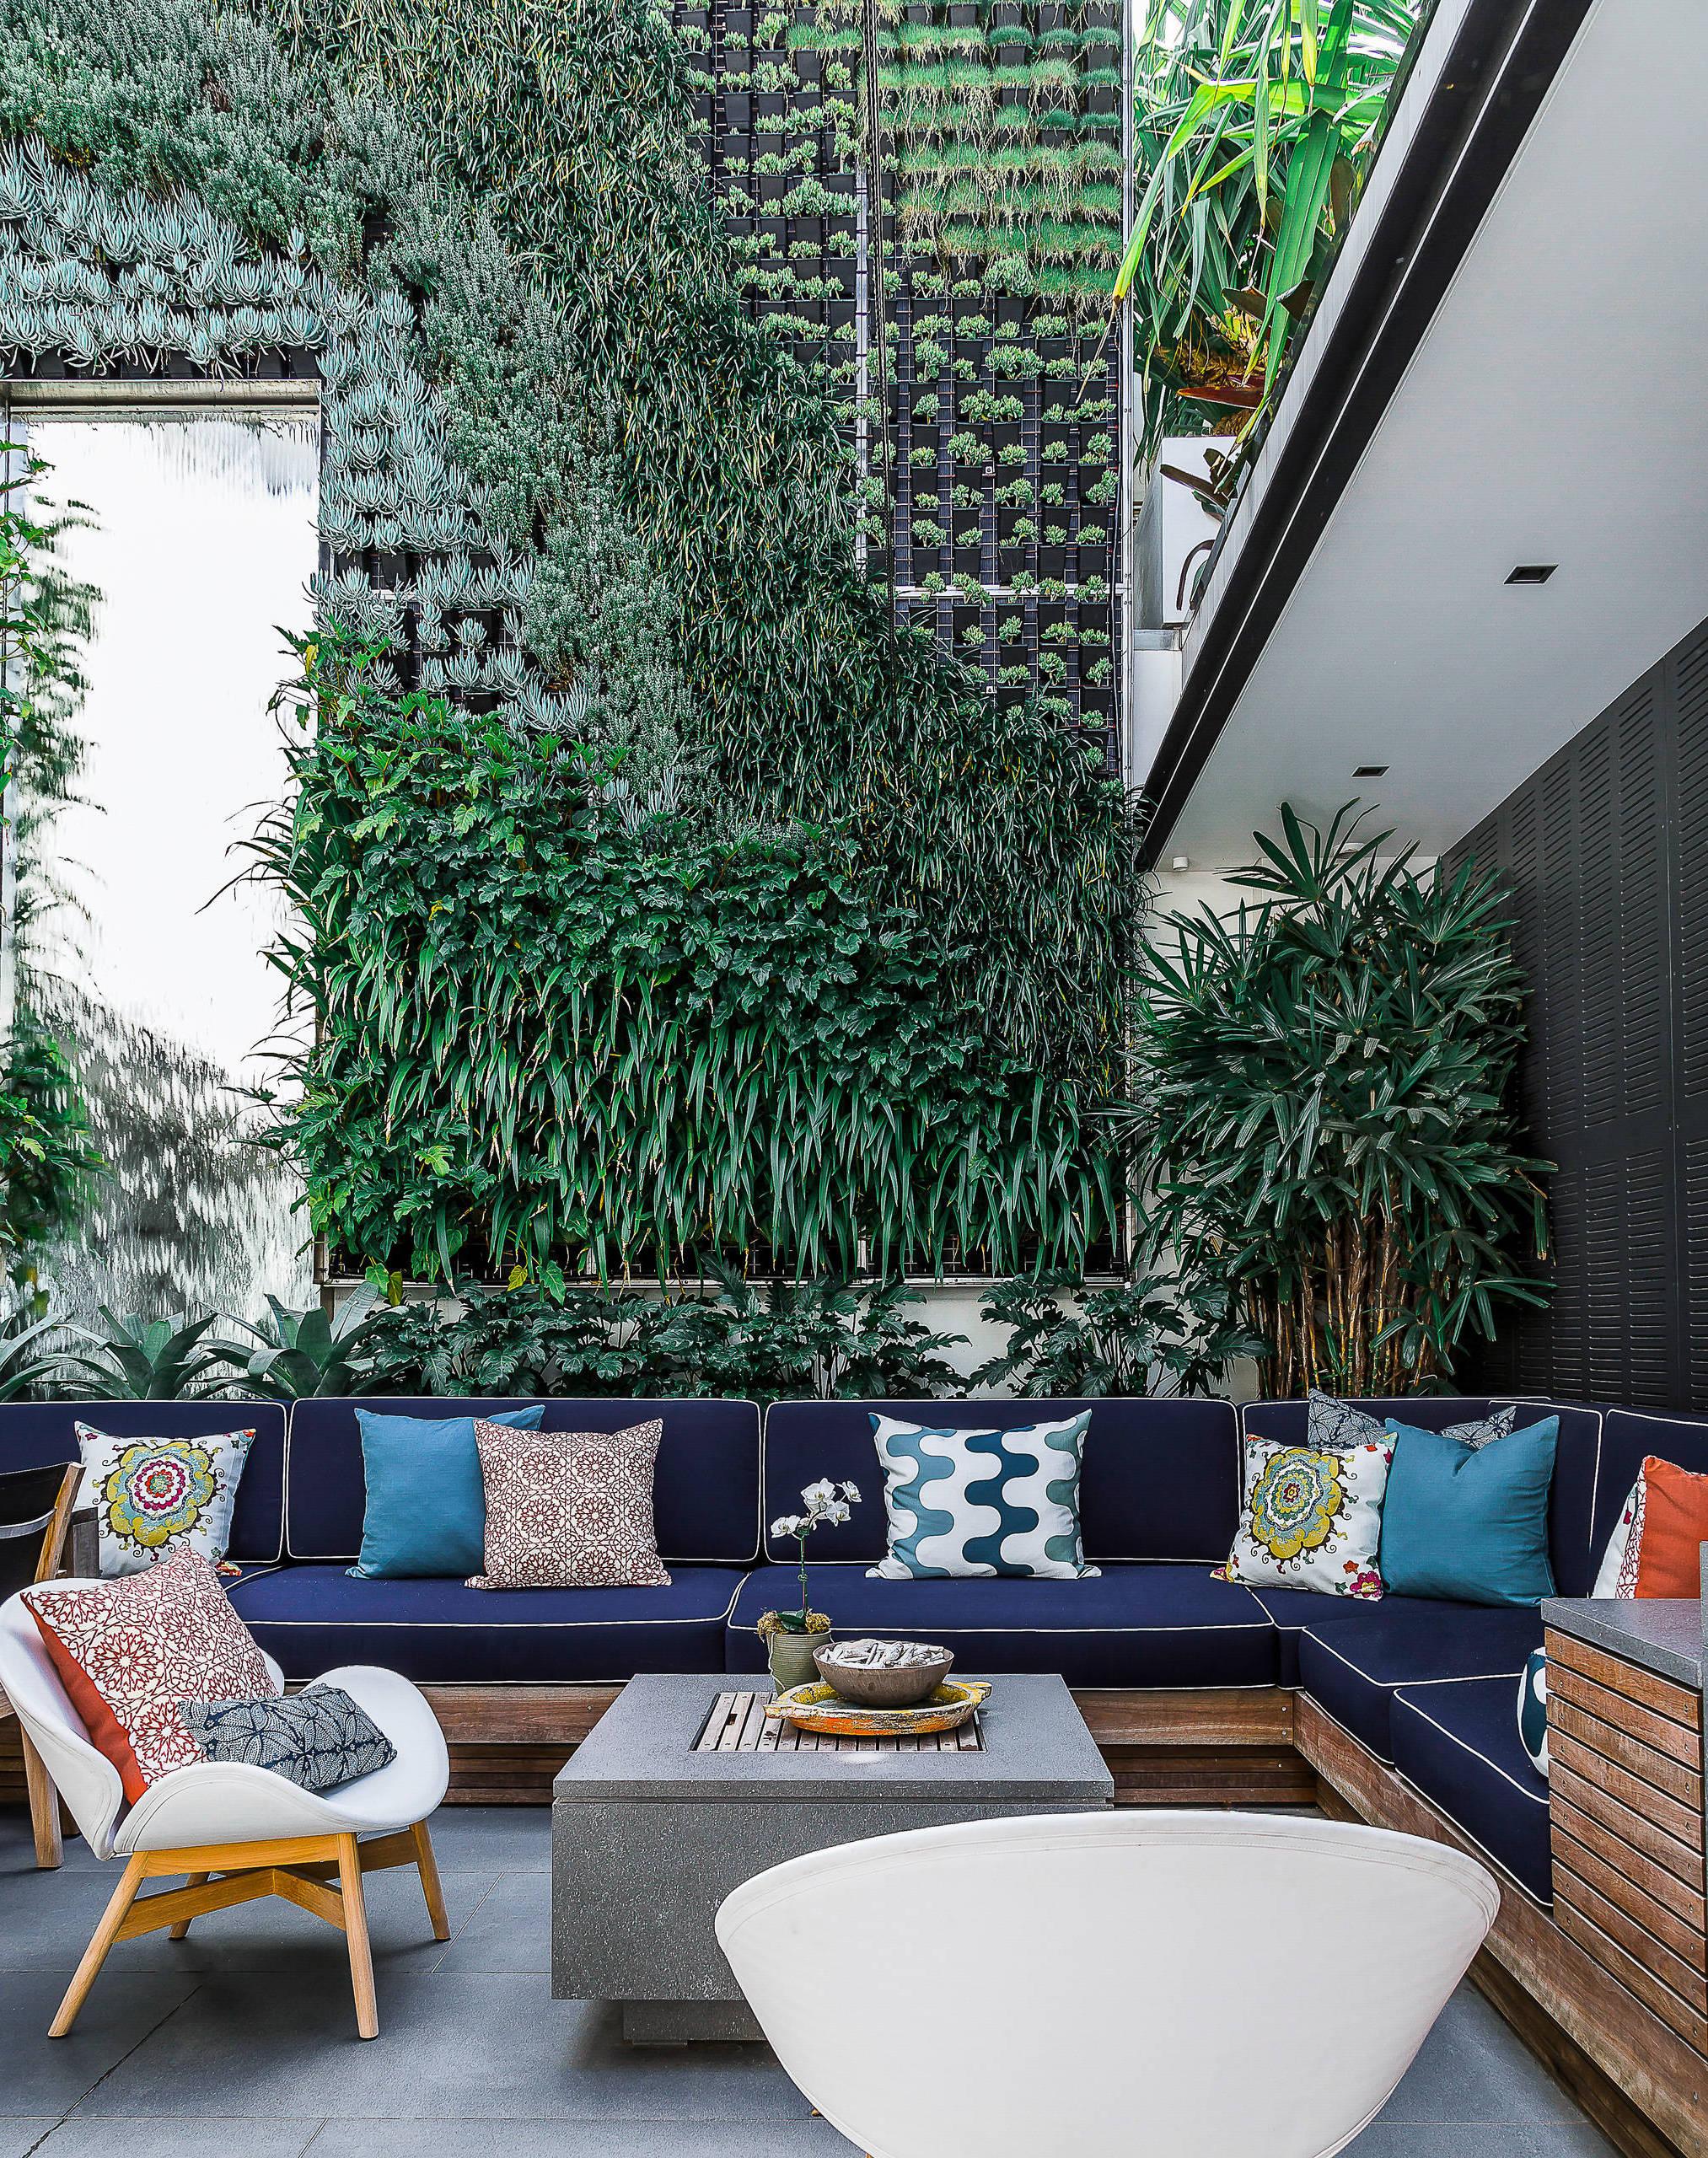 Mit der richtigen Gartengestaltung -  Maximaler Komfort im Garten